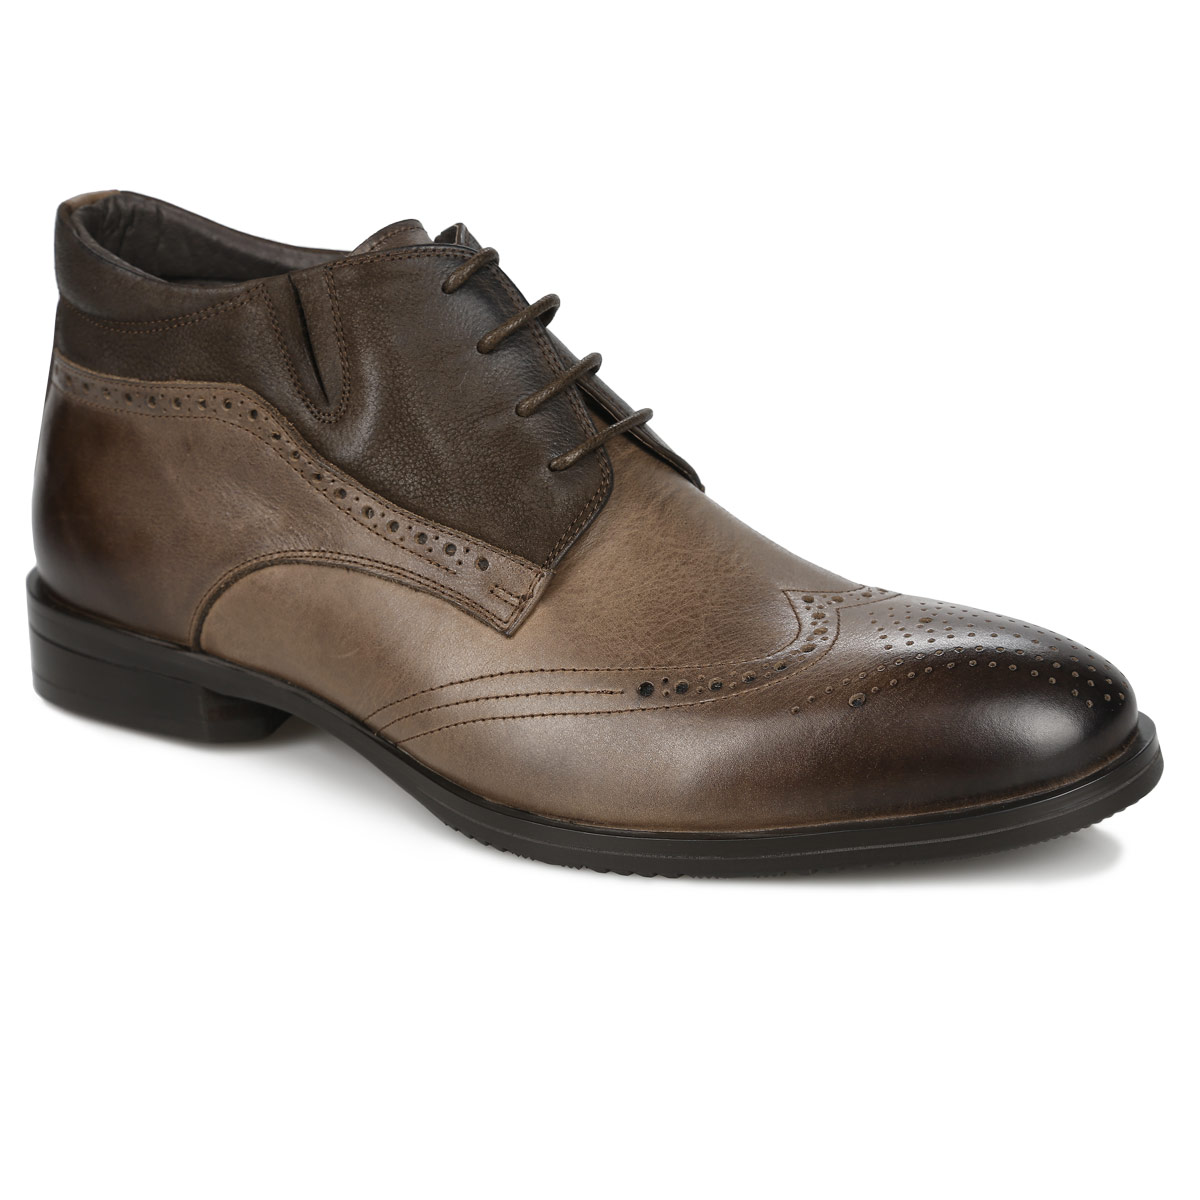 Броги мужские Dino Ricci, цвет: коричневый. 104-174-40(T). Размер 43104-174-40(T)Стильные ботинки от Dino Ricci прекрасно дополнят ваш деловой образ. Модельвыполнена из натуральной высококачественной кожи и оформлена декоративной перфорацией, задним наружным ремнем. Ботинки застегиваются на боковую застежку-молнию. Шнуровка позволяет прочно зафиксировать обувь на ноге. Резинка, расположенная сбоку, гарантирует оптимальную посадку модели на ноге. Мягкая стелька комфортна при движении. Каблук и подошва с рифлением обеспечивают идеальное сцепление споверхностью. Изысканные ботинки подчеркнут ваше безупречное чувство стиля.